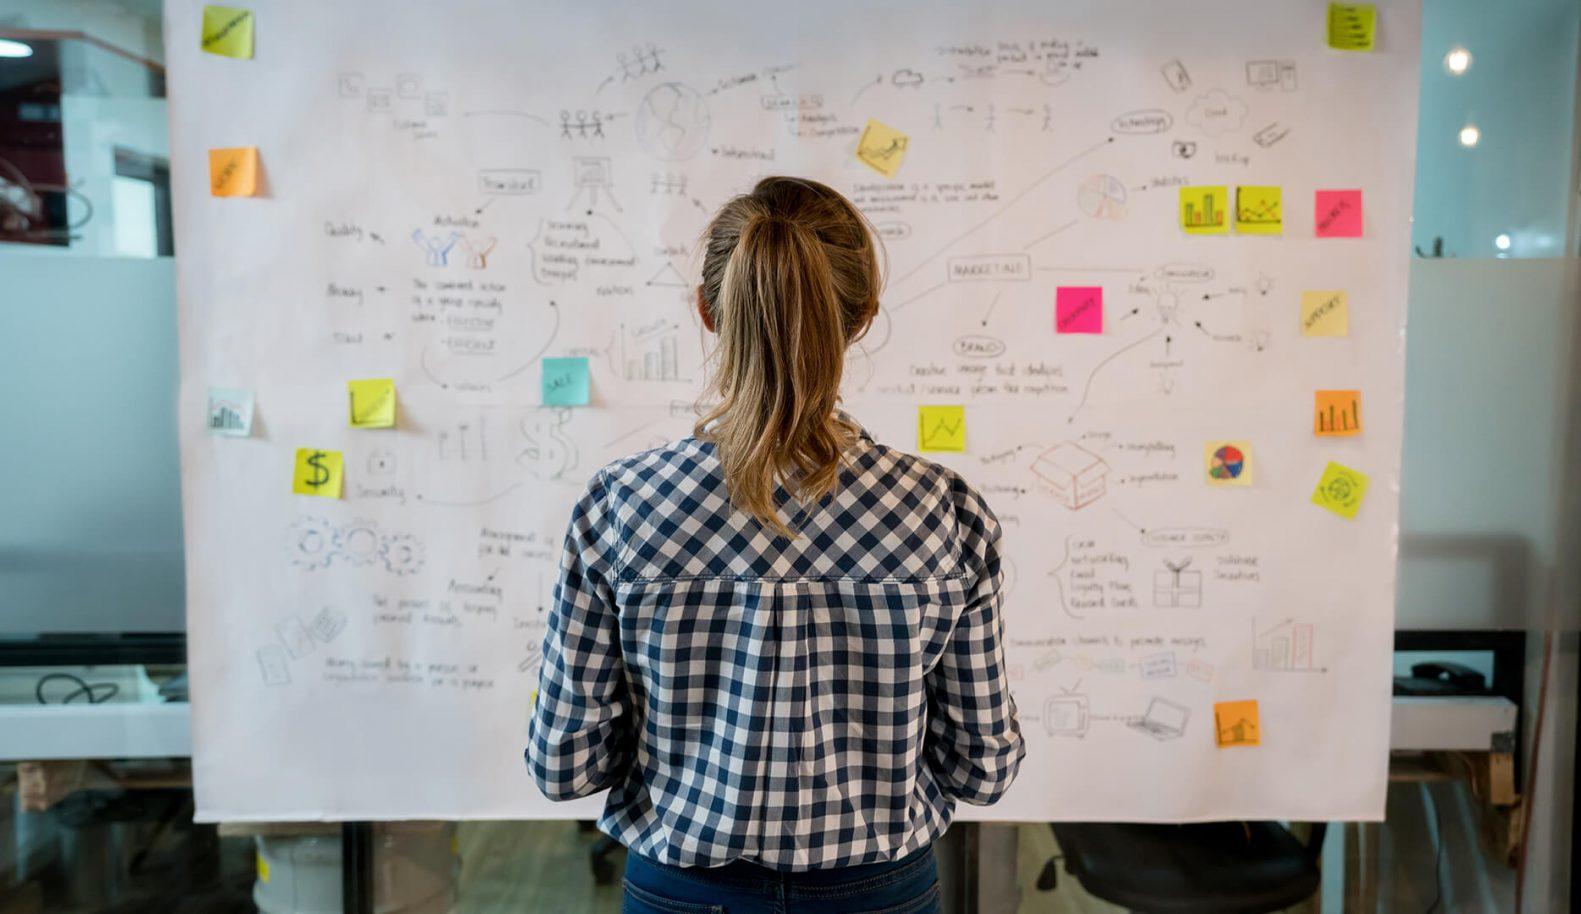 Cómo gestionar la calidad de un proyecto